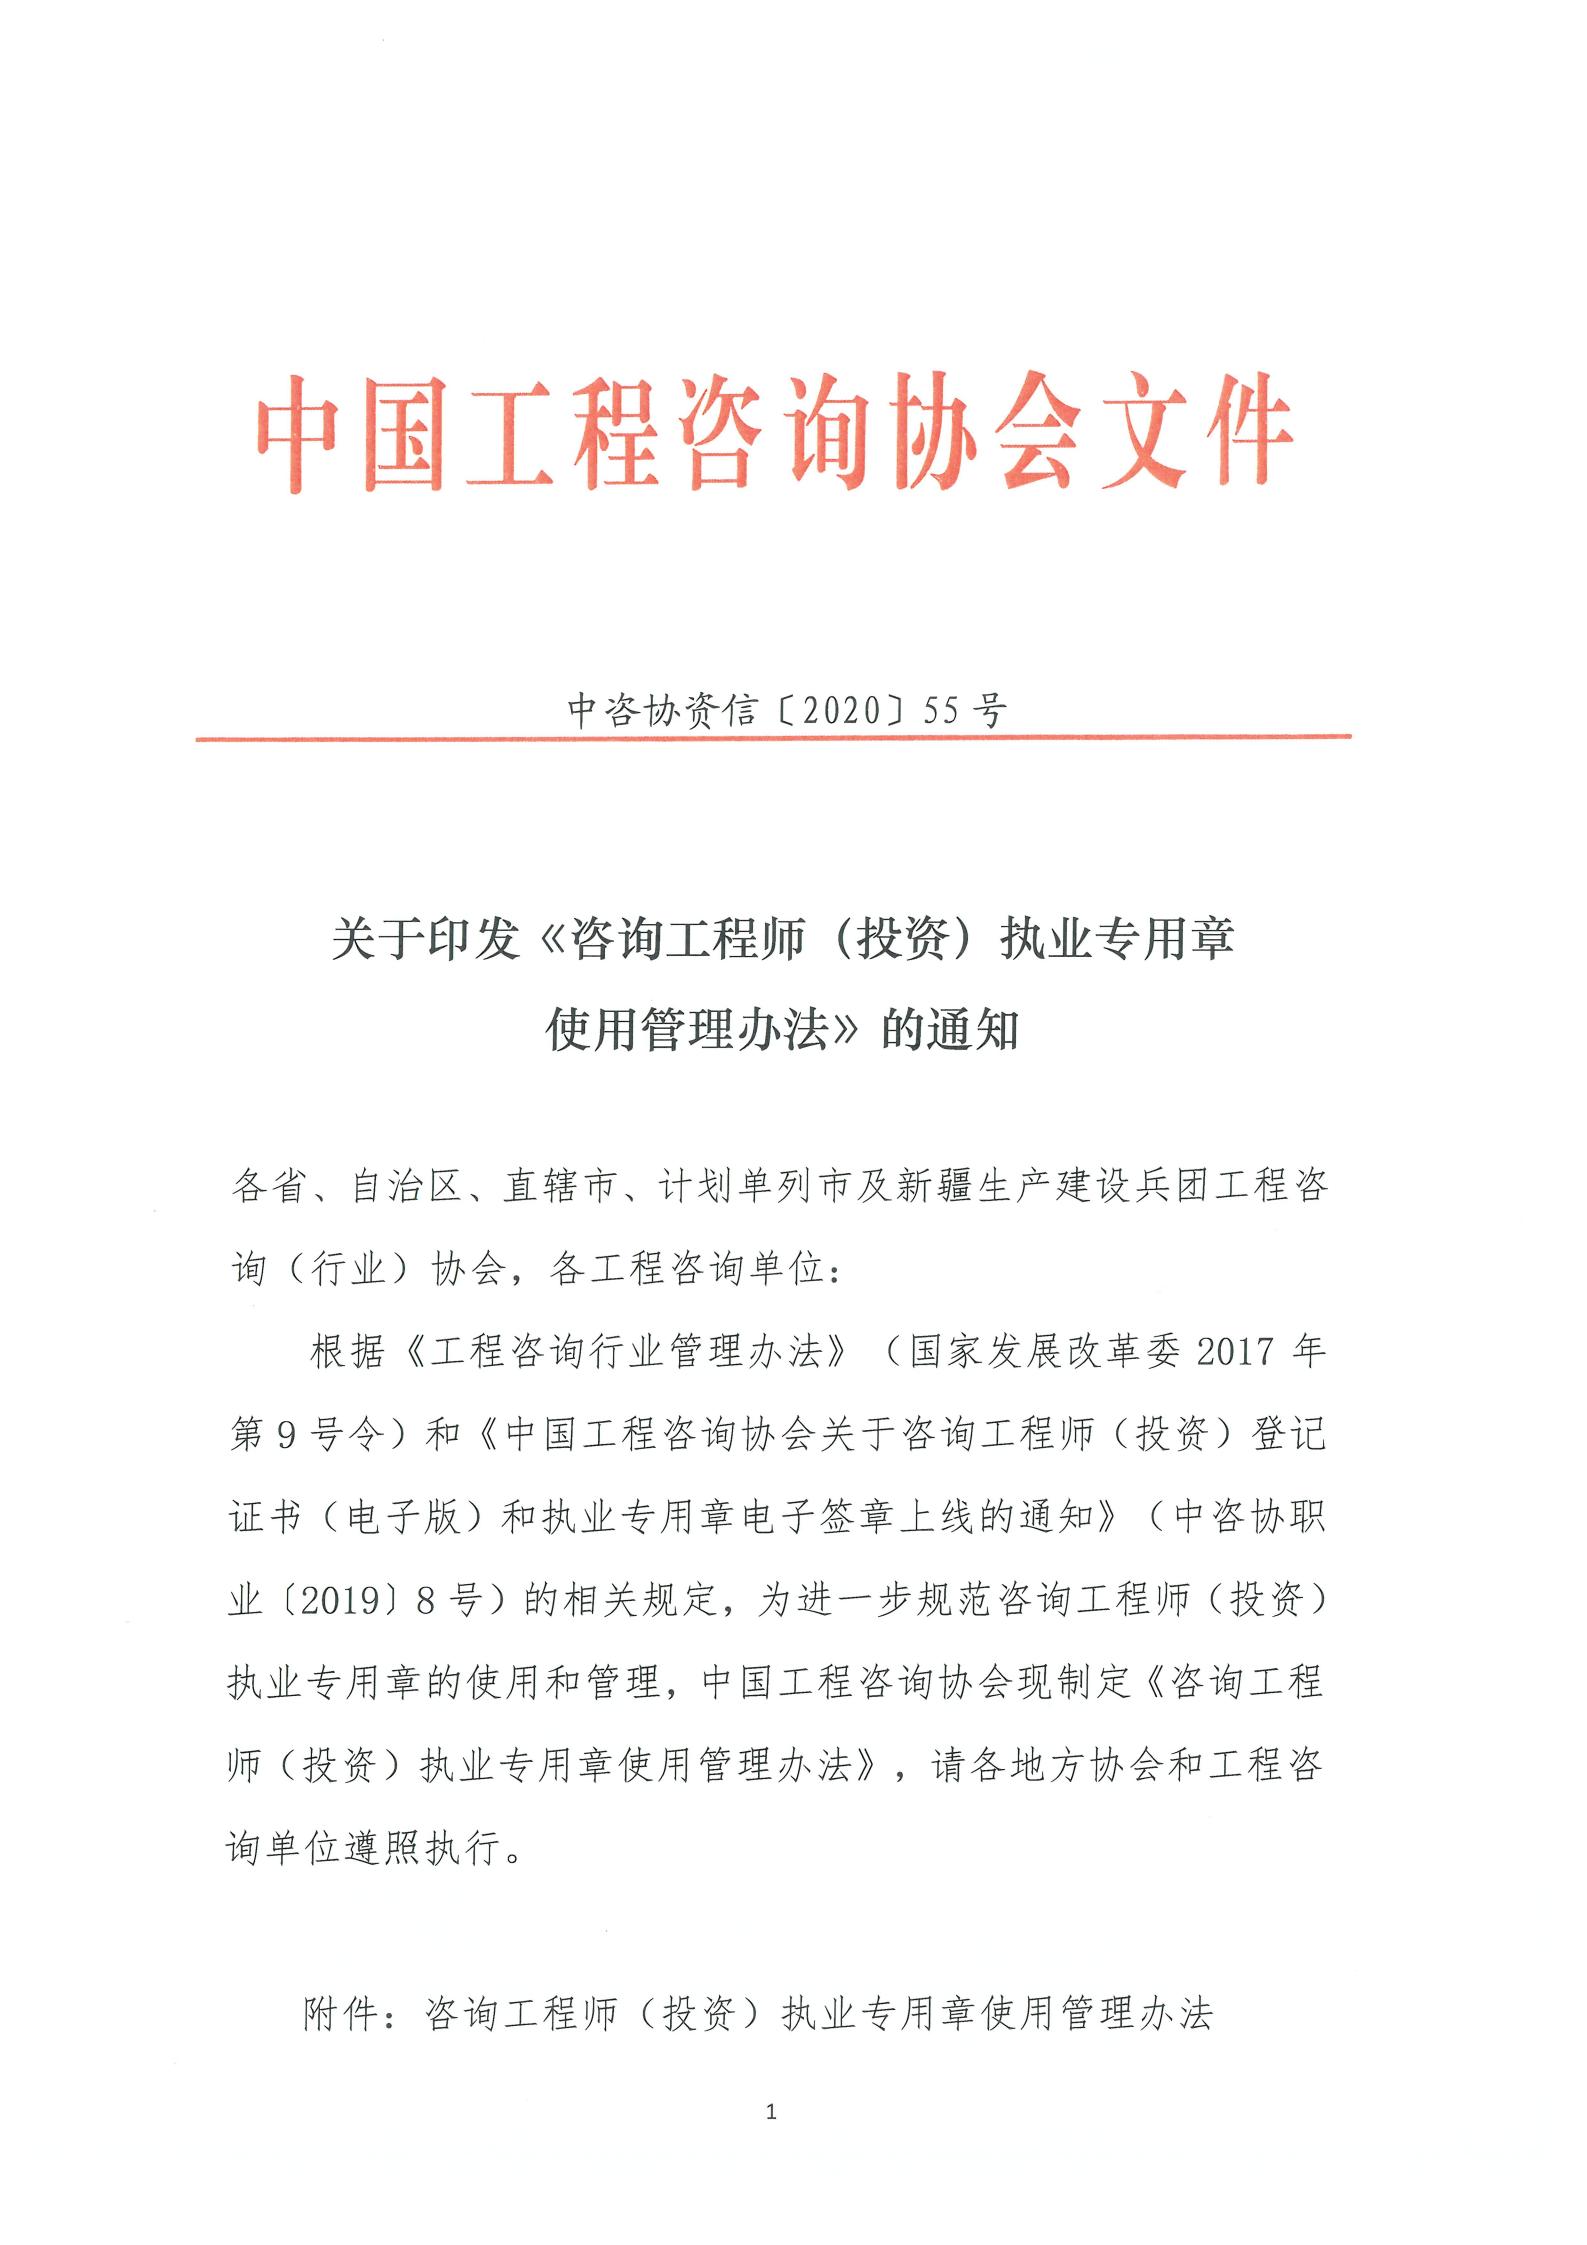 提取自关于印发咨询师执业专用章使用管理办法的通知-中咨协资信[2020]55号_00.png